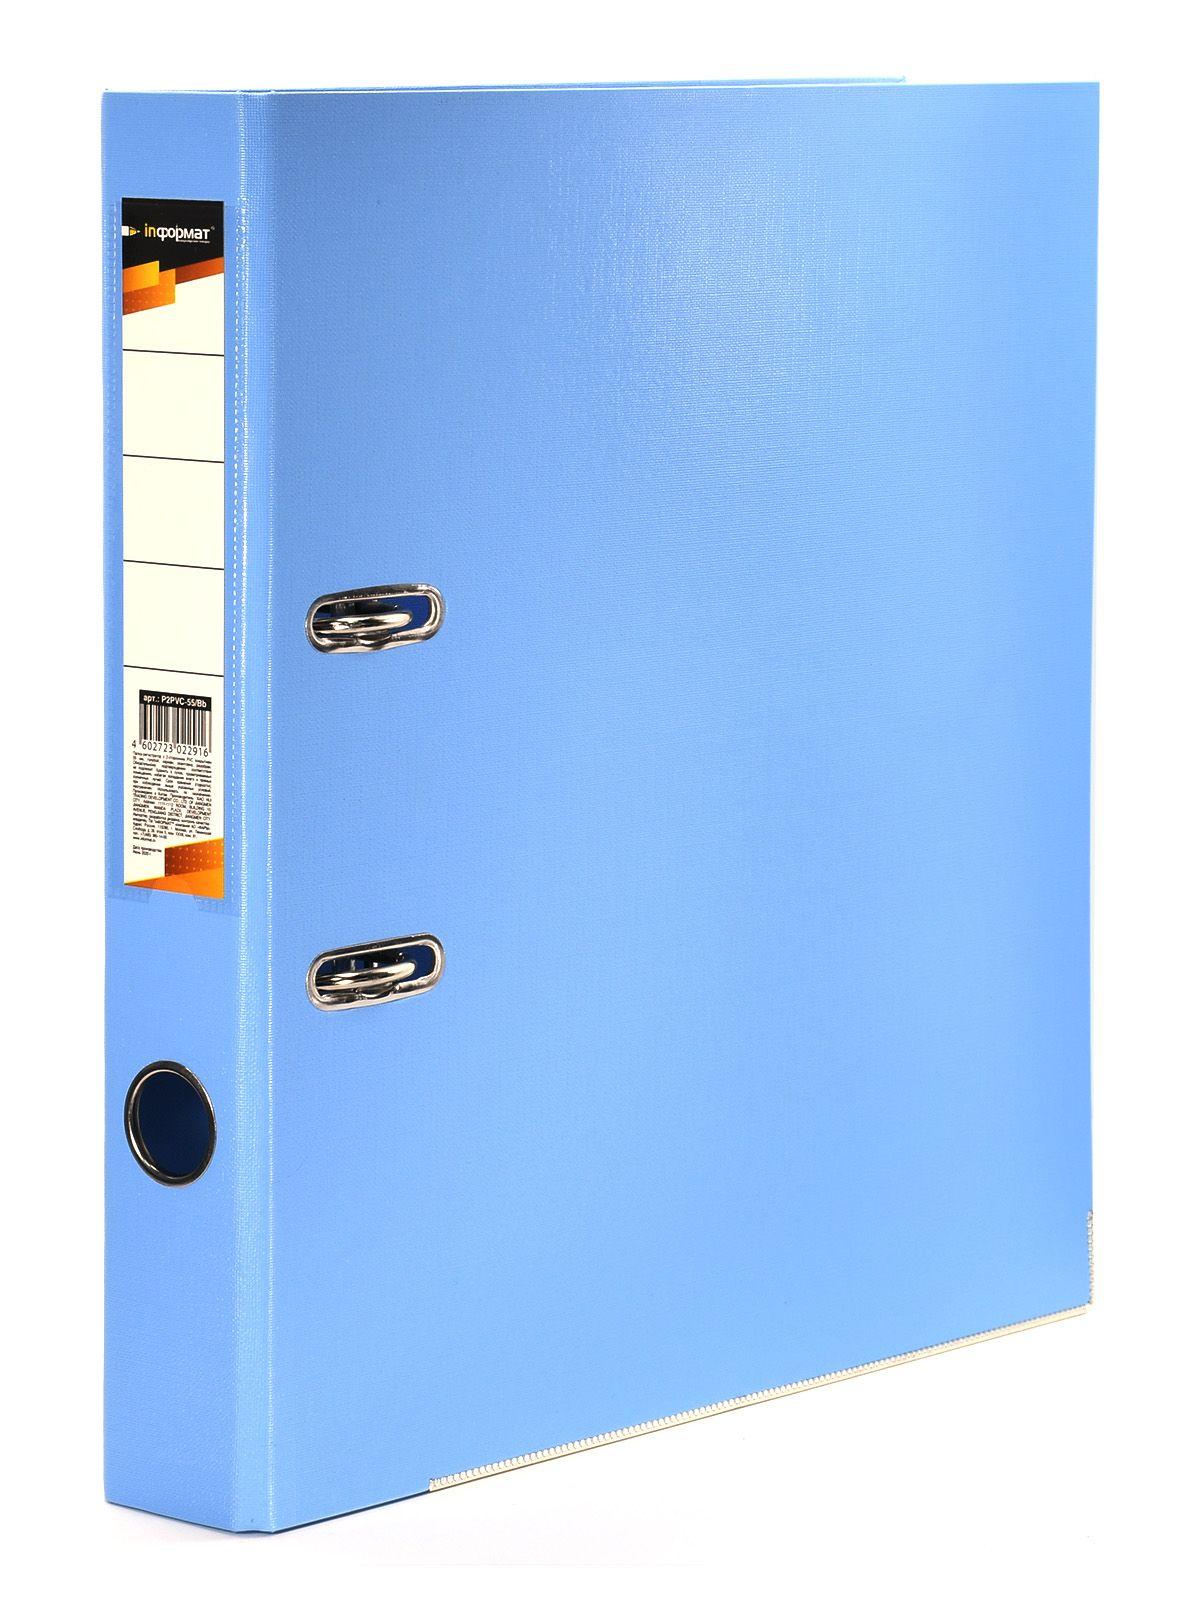 Папка-регистратор INFORMAT 55 мм двухстороннее покрытие PVC, голубая